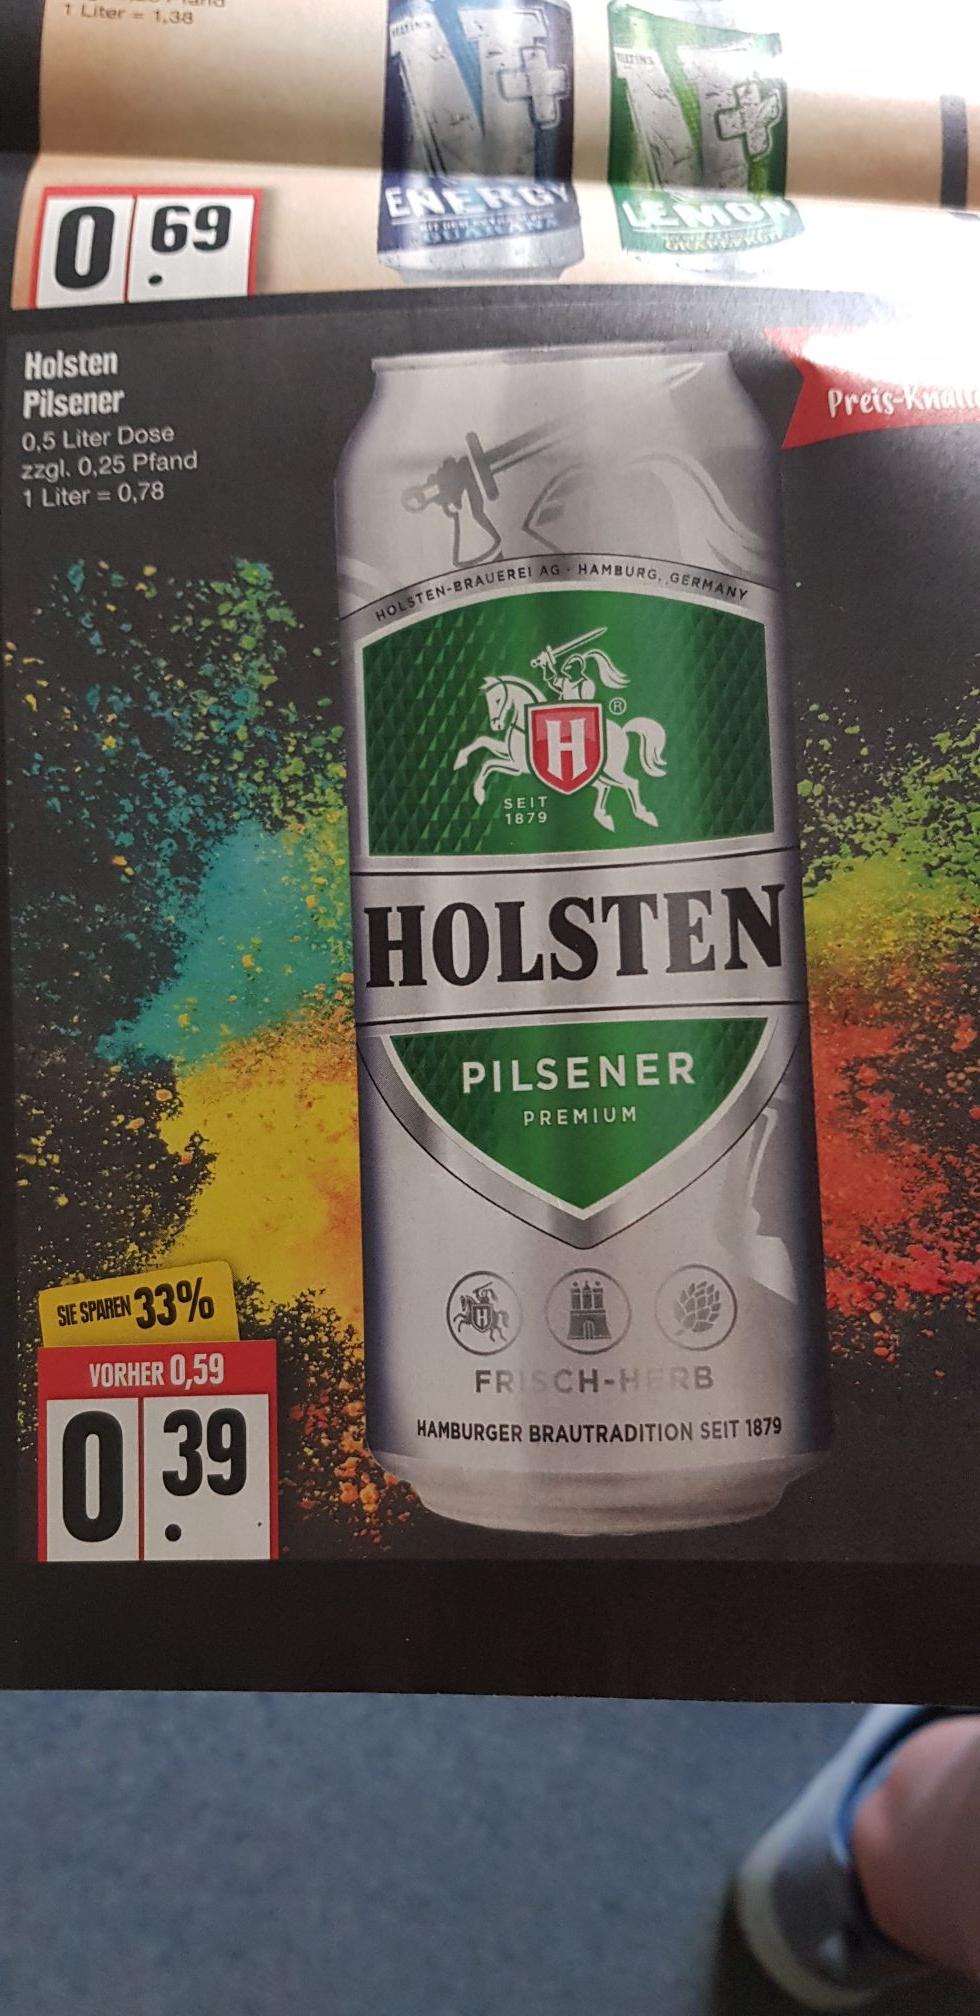 Holsten Bier 0.5 l Dose